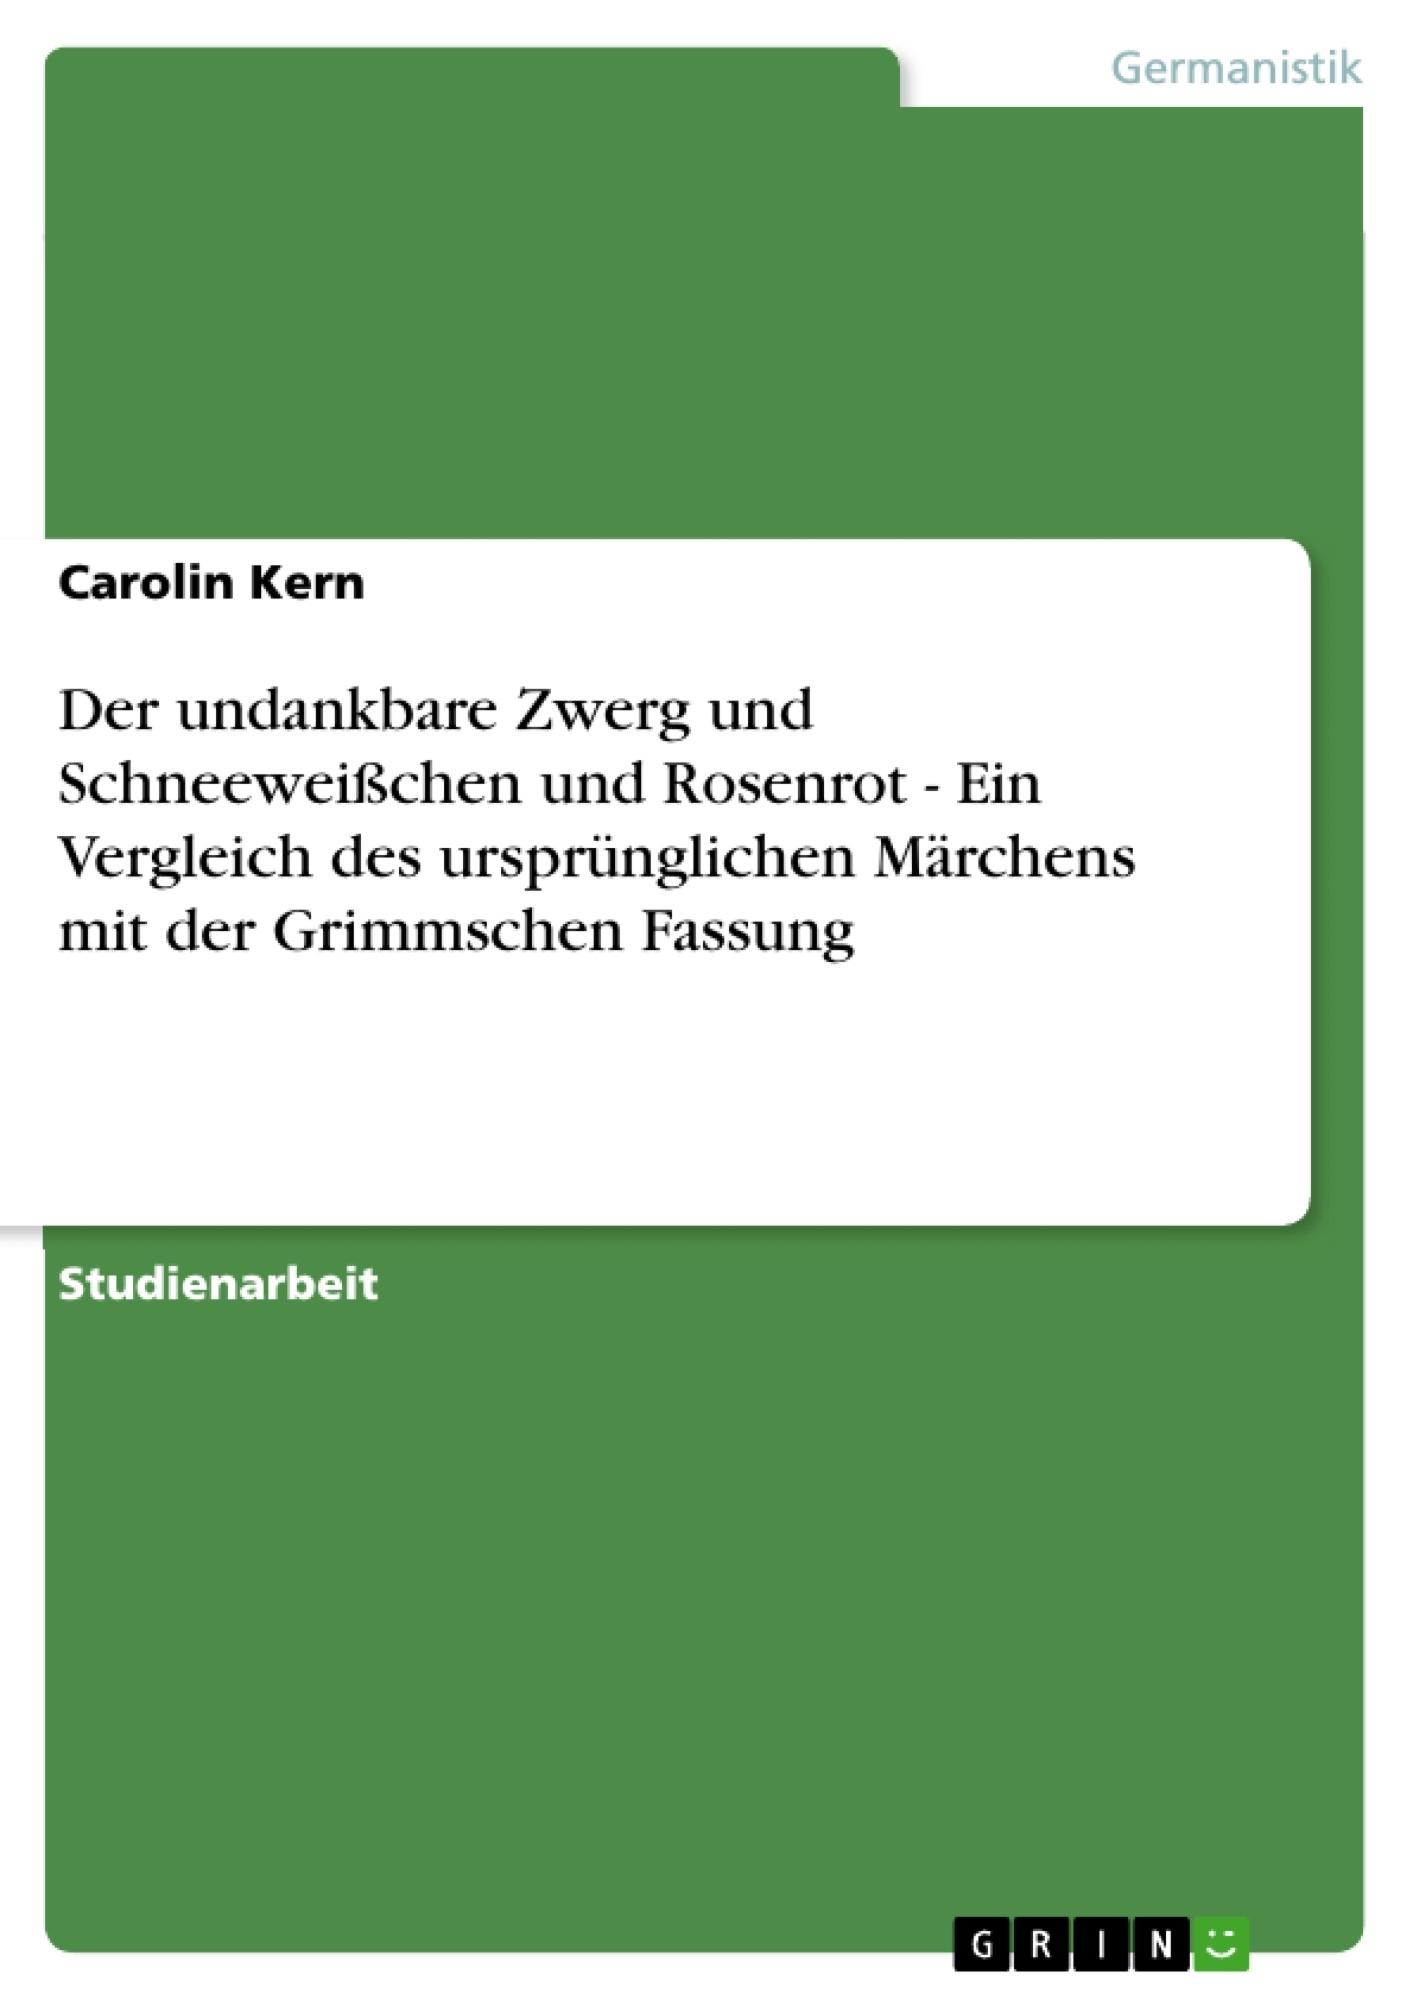 Titel: Der undankbare Zwerg und Schneeweißchen und Rosenrot - Ein Vergleich des ursprünglichen Märchens mit der Grimmschen Fassung